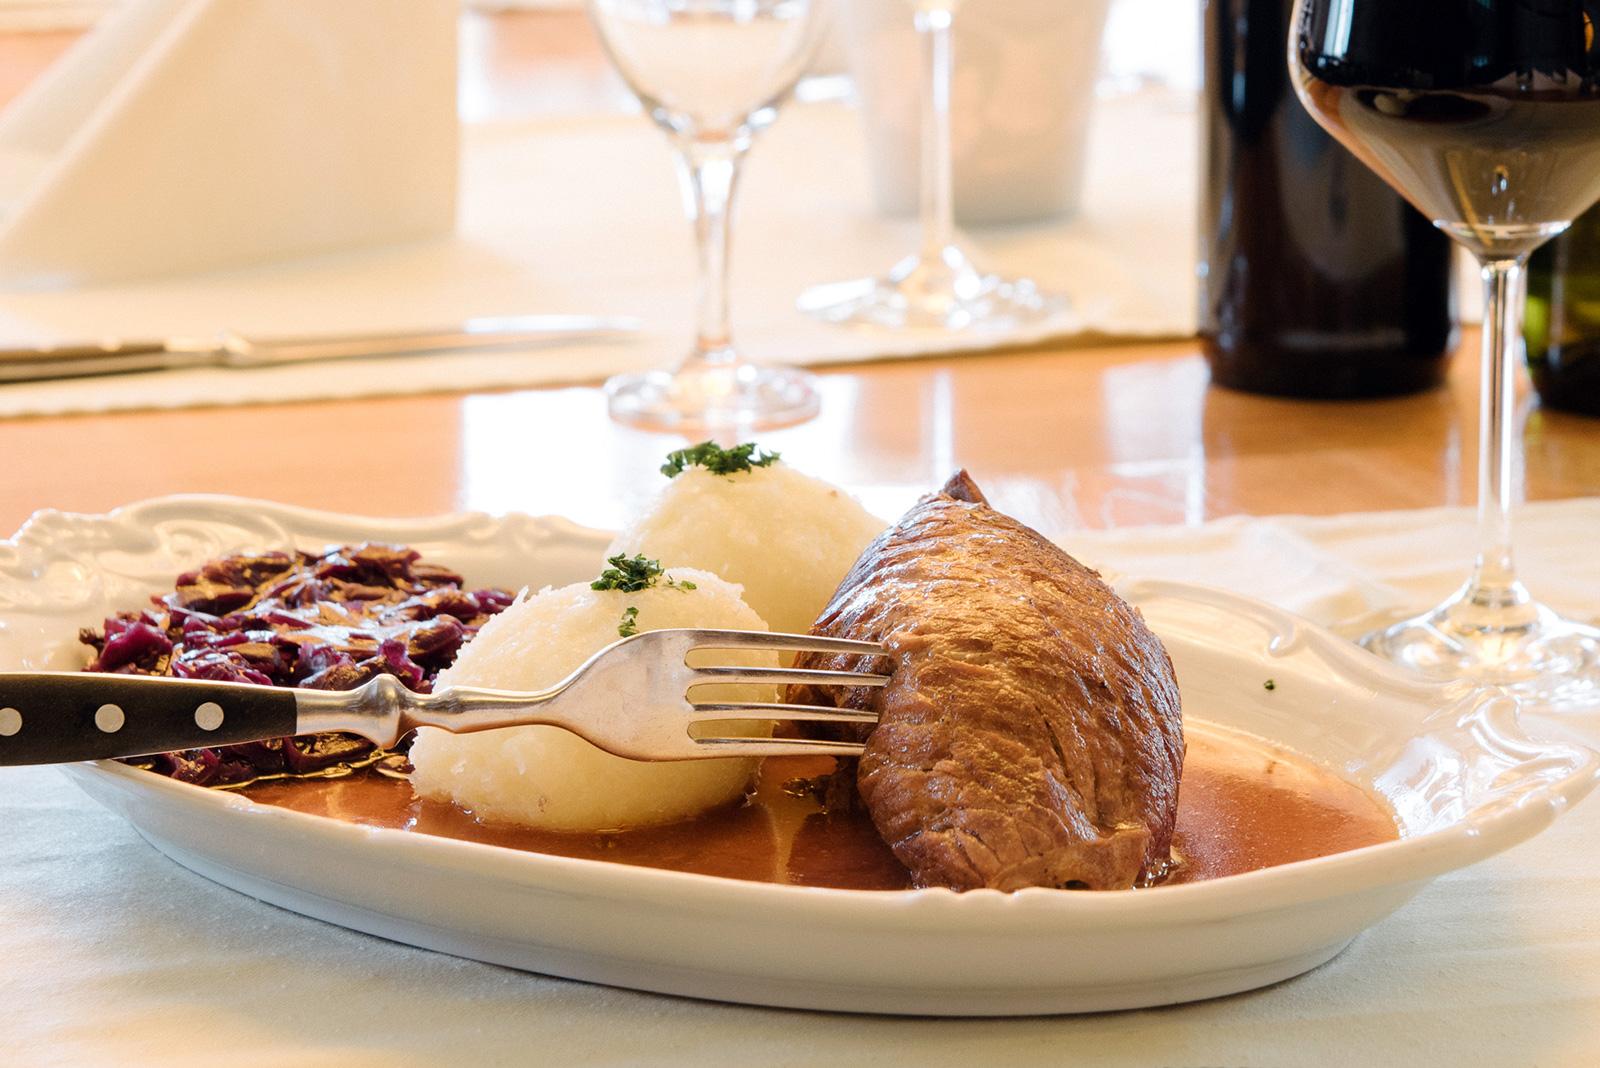 Restaurant Sächsischer Hof Weimar - Roulade und Klöße